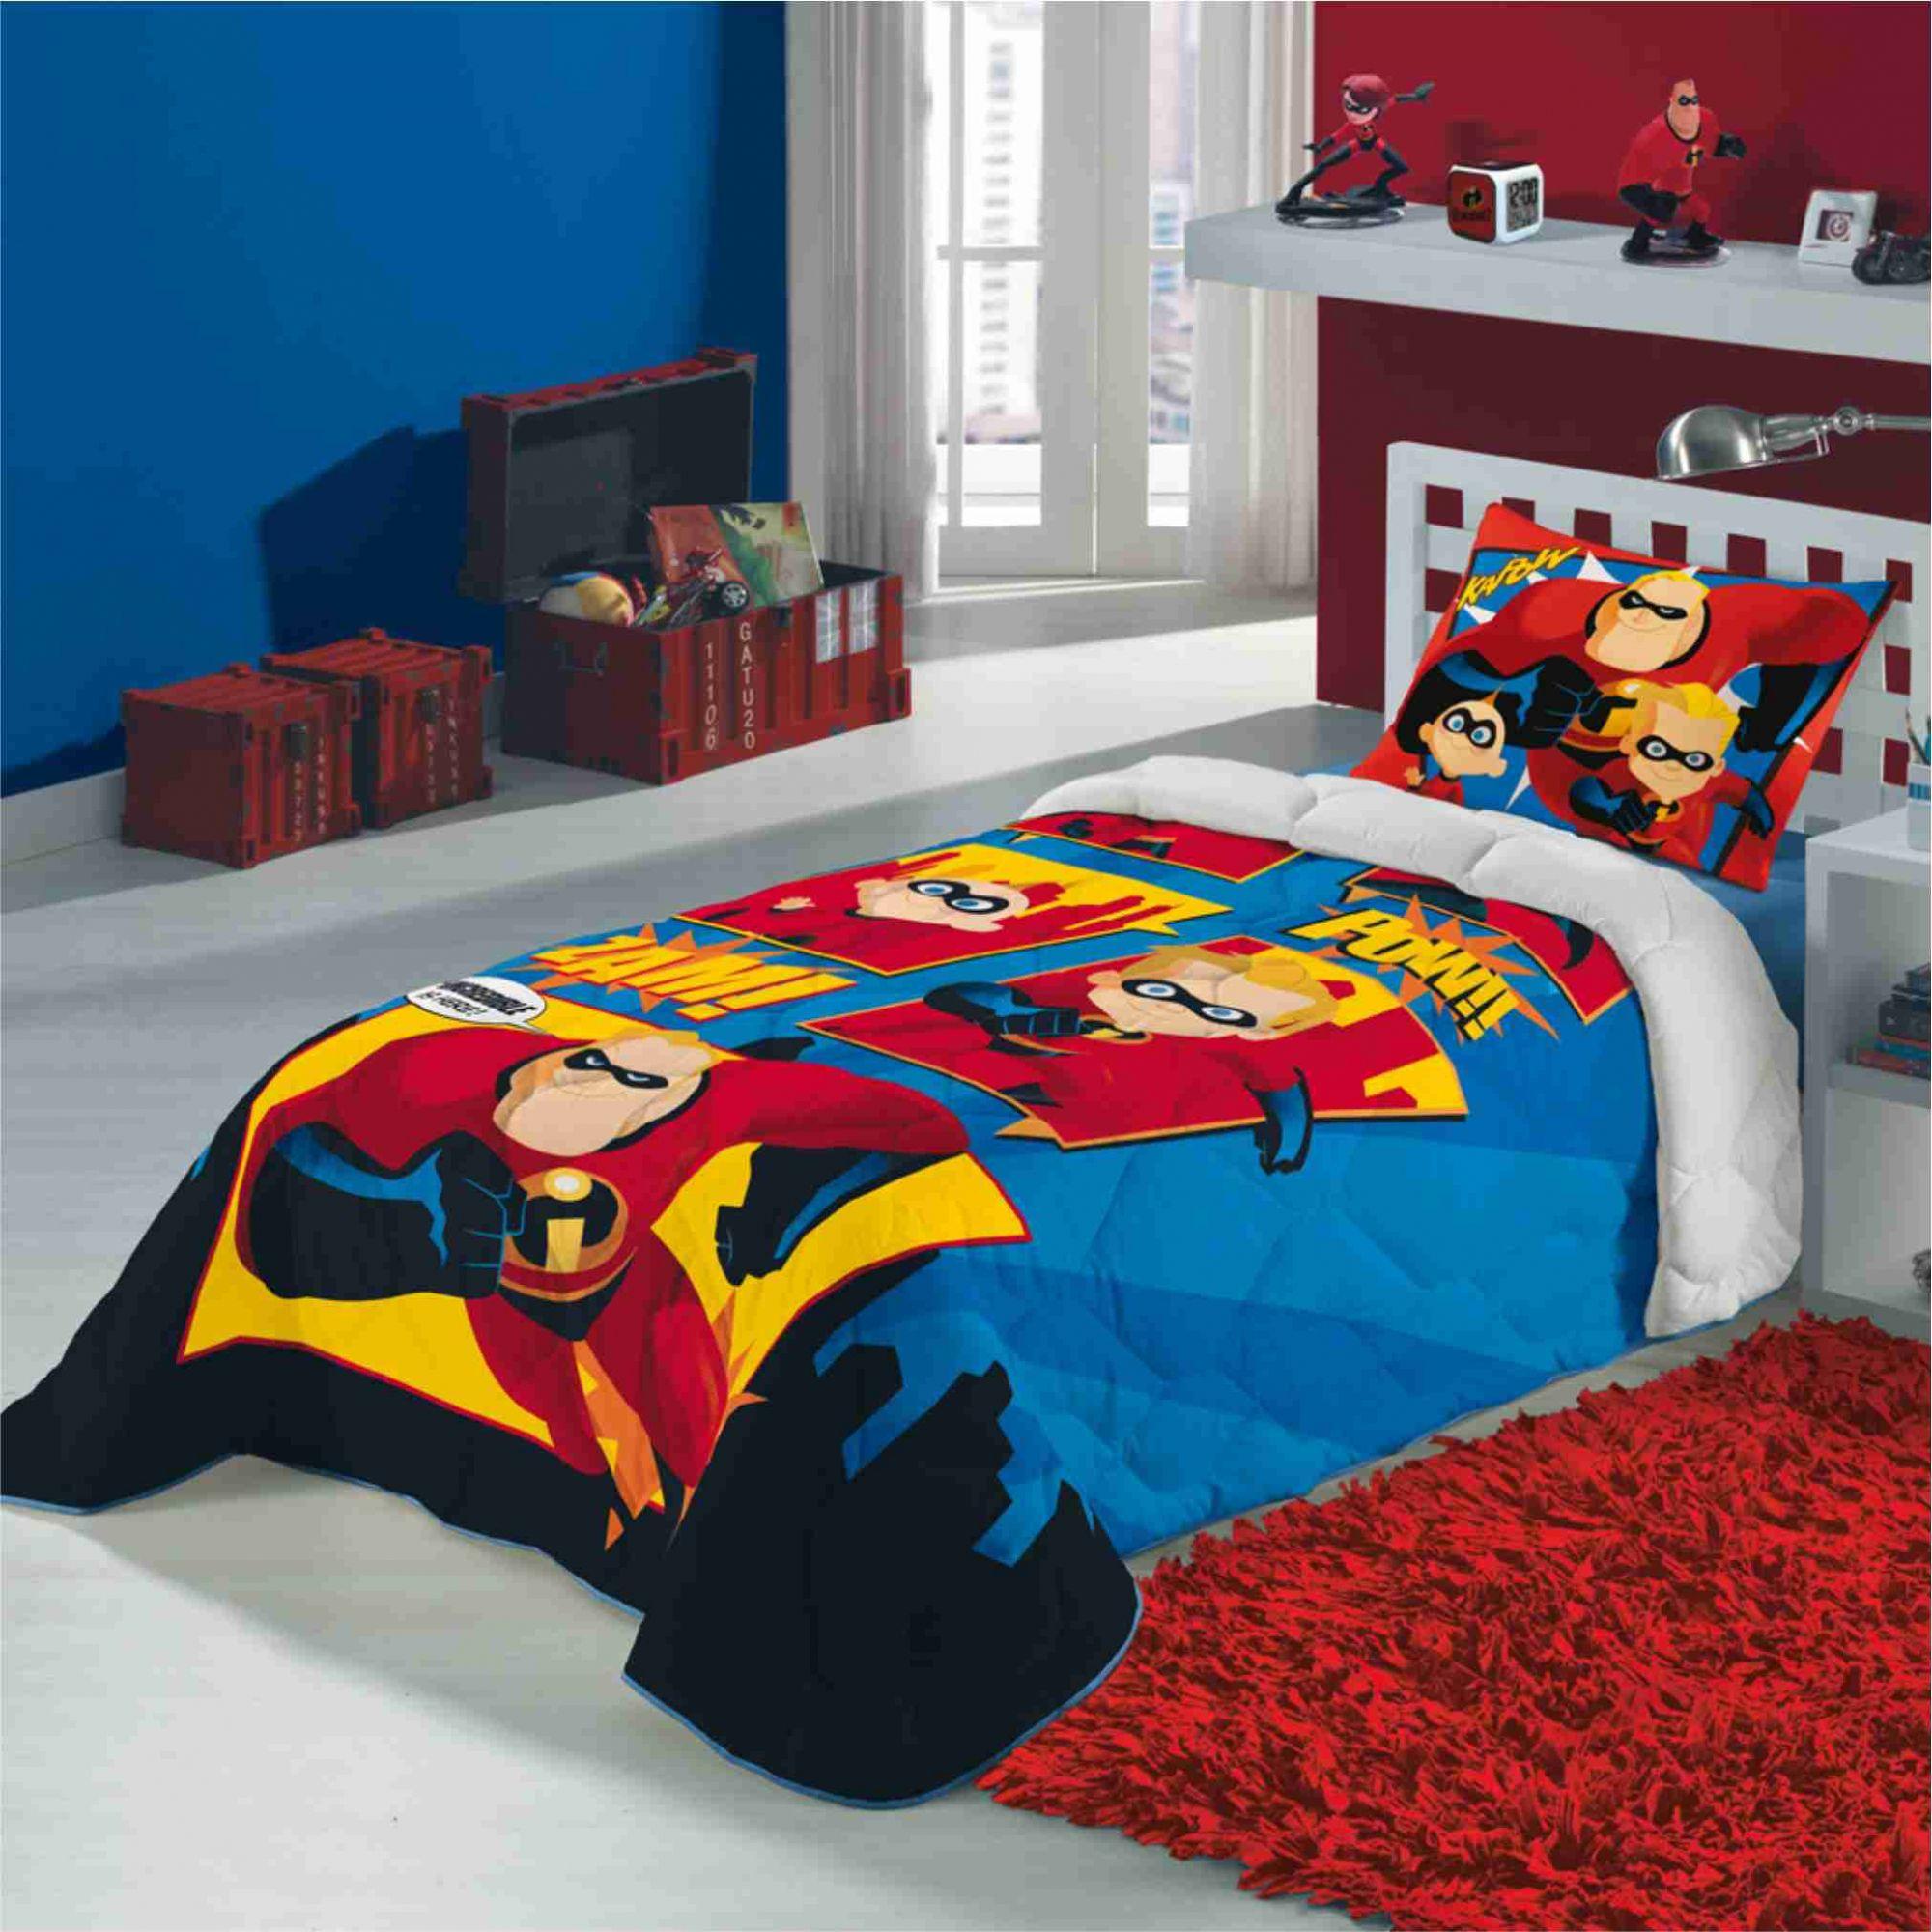 5cd6c022a3 Edredom Infantil Super Heróis Os Incríveis Lepper - PEQUENININHOS.COM